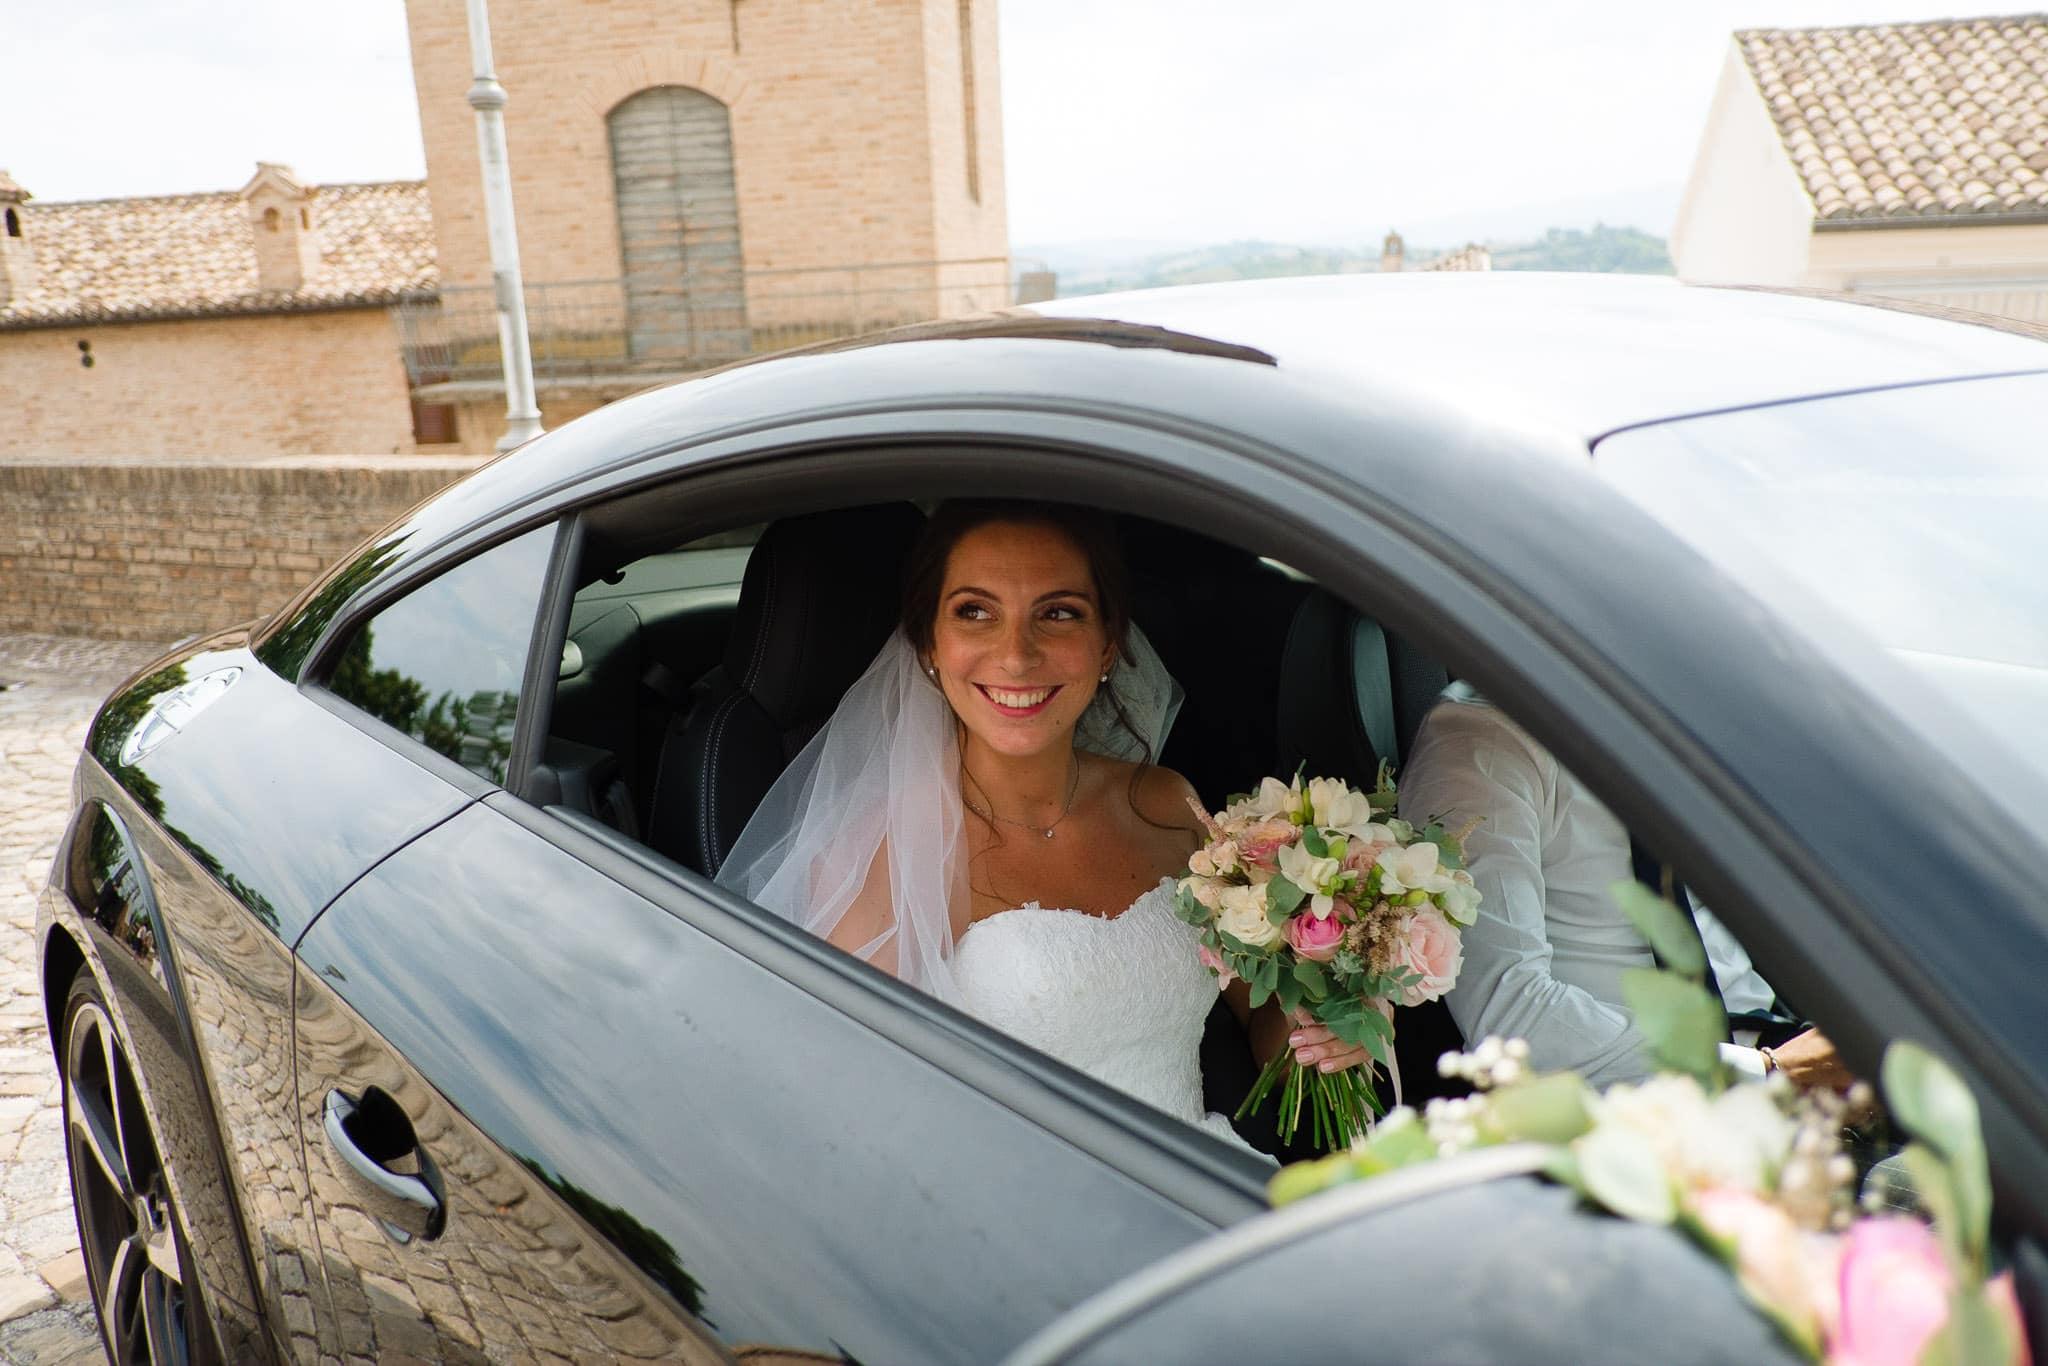 matrimonio castello di gradara nelle marche arrivo in chiesa